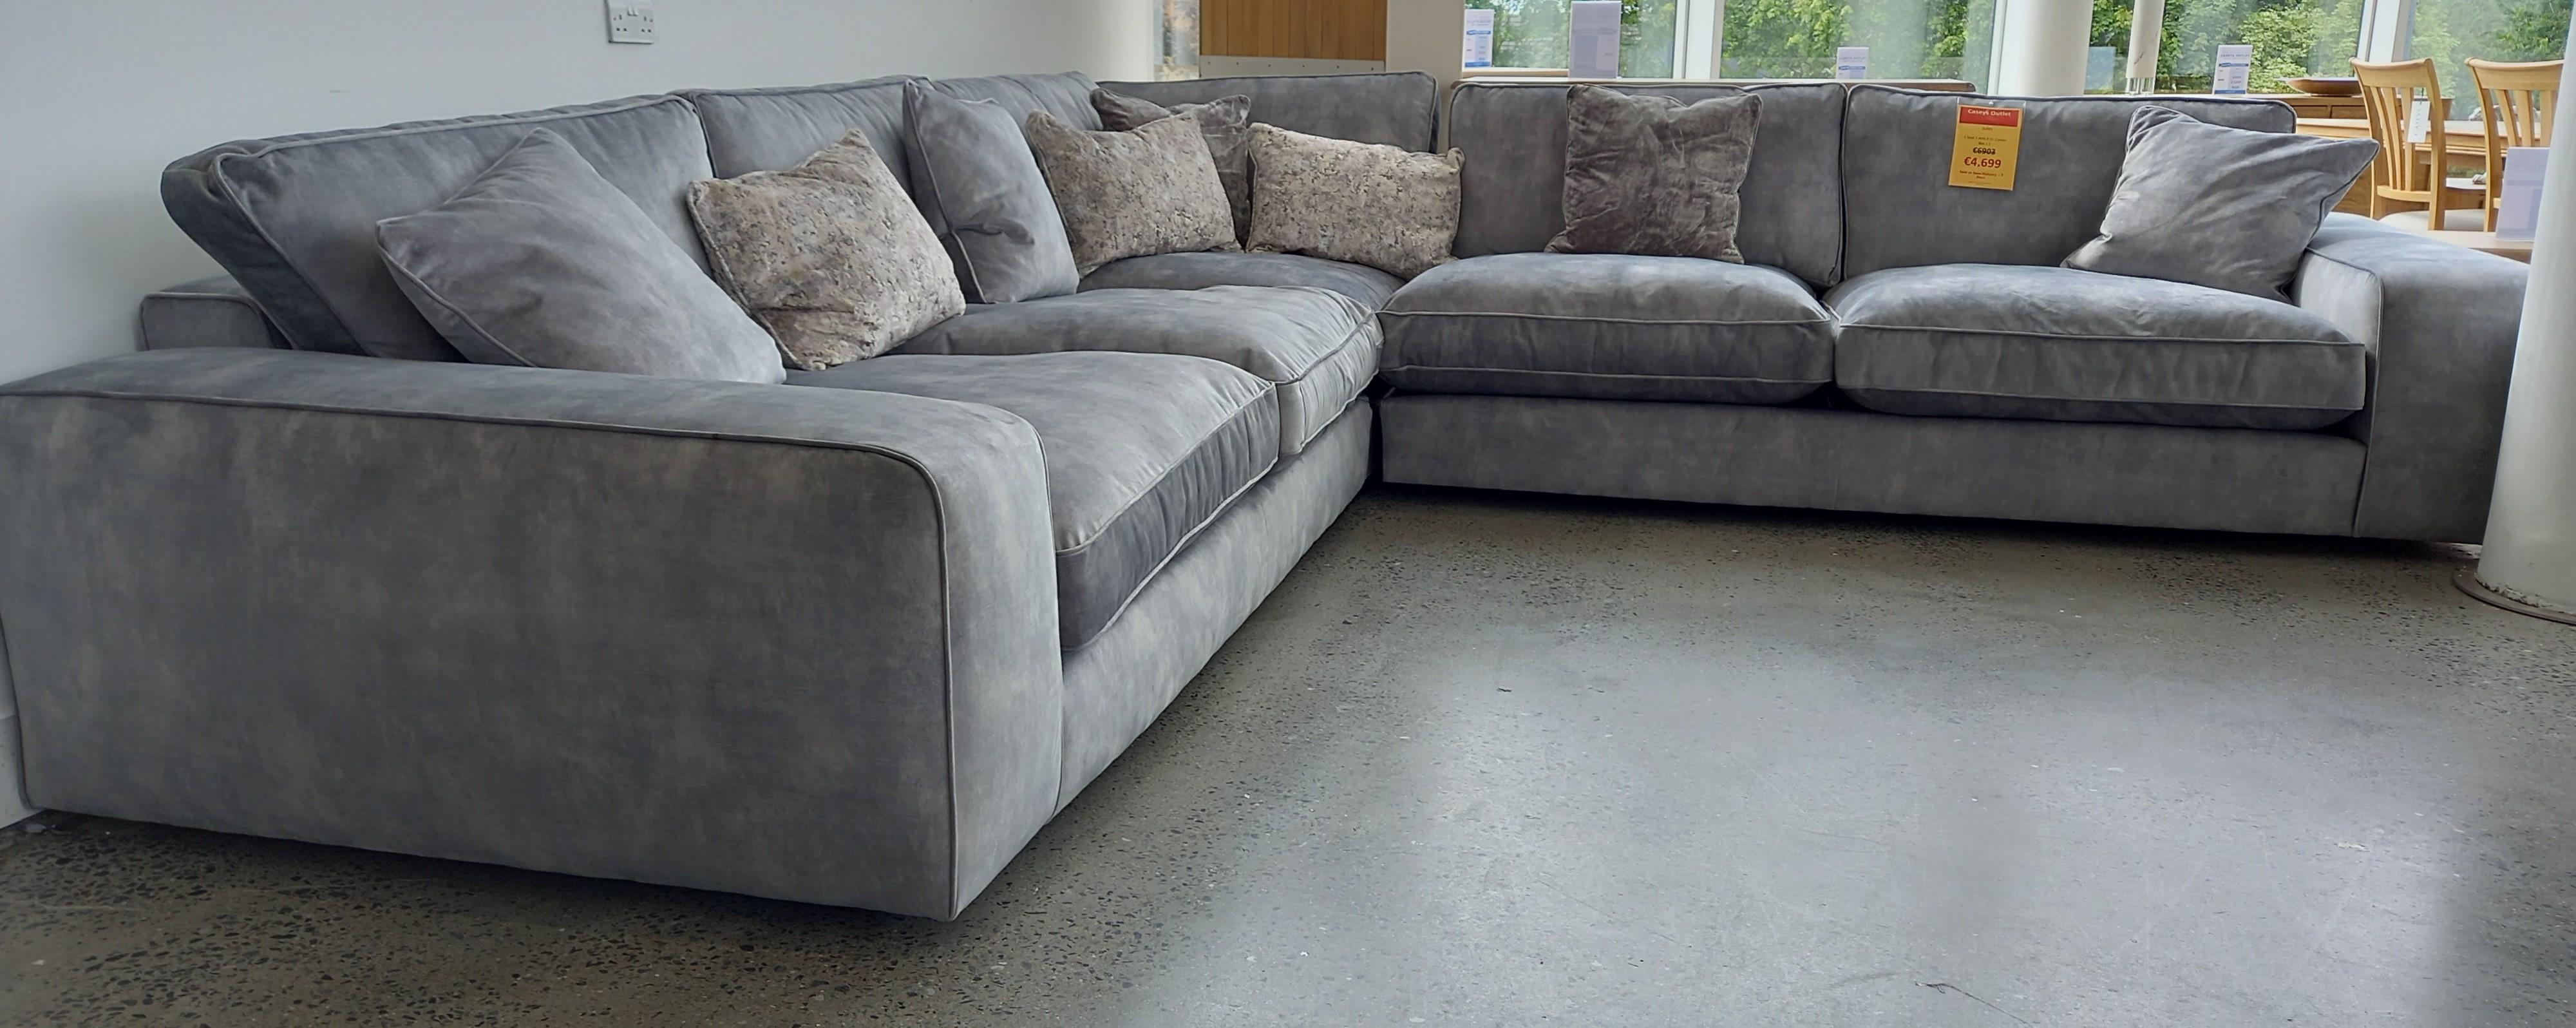 Jules Corner Sofa - OUTLET